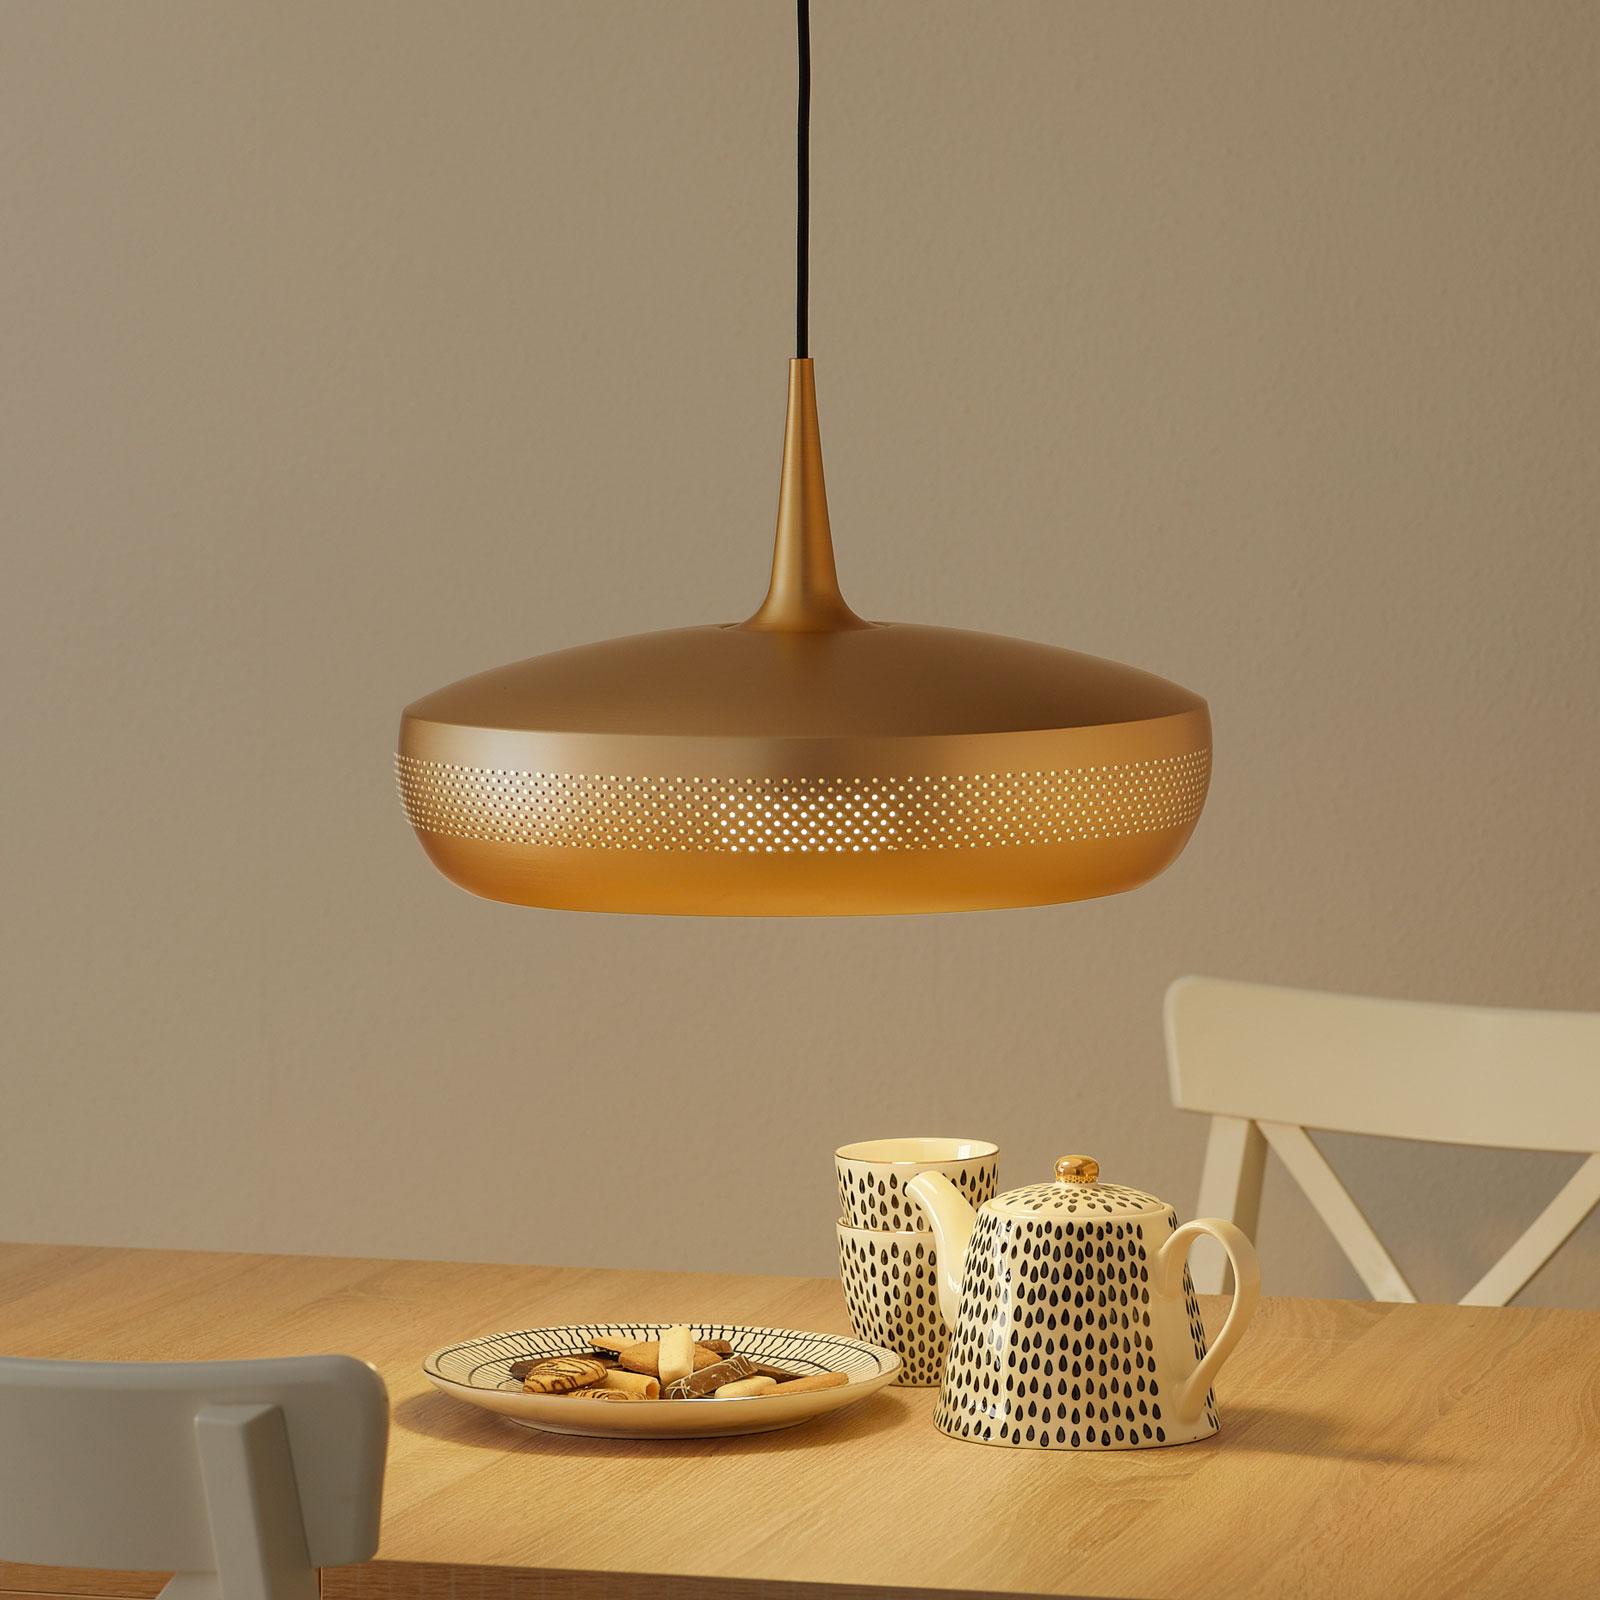 UMAGE Clava Dine hanglamp messing